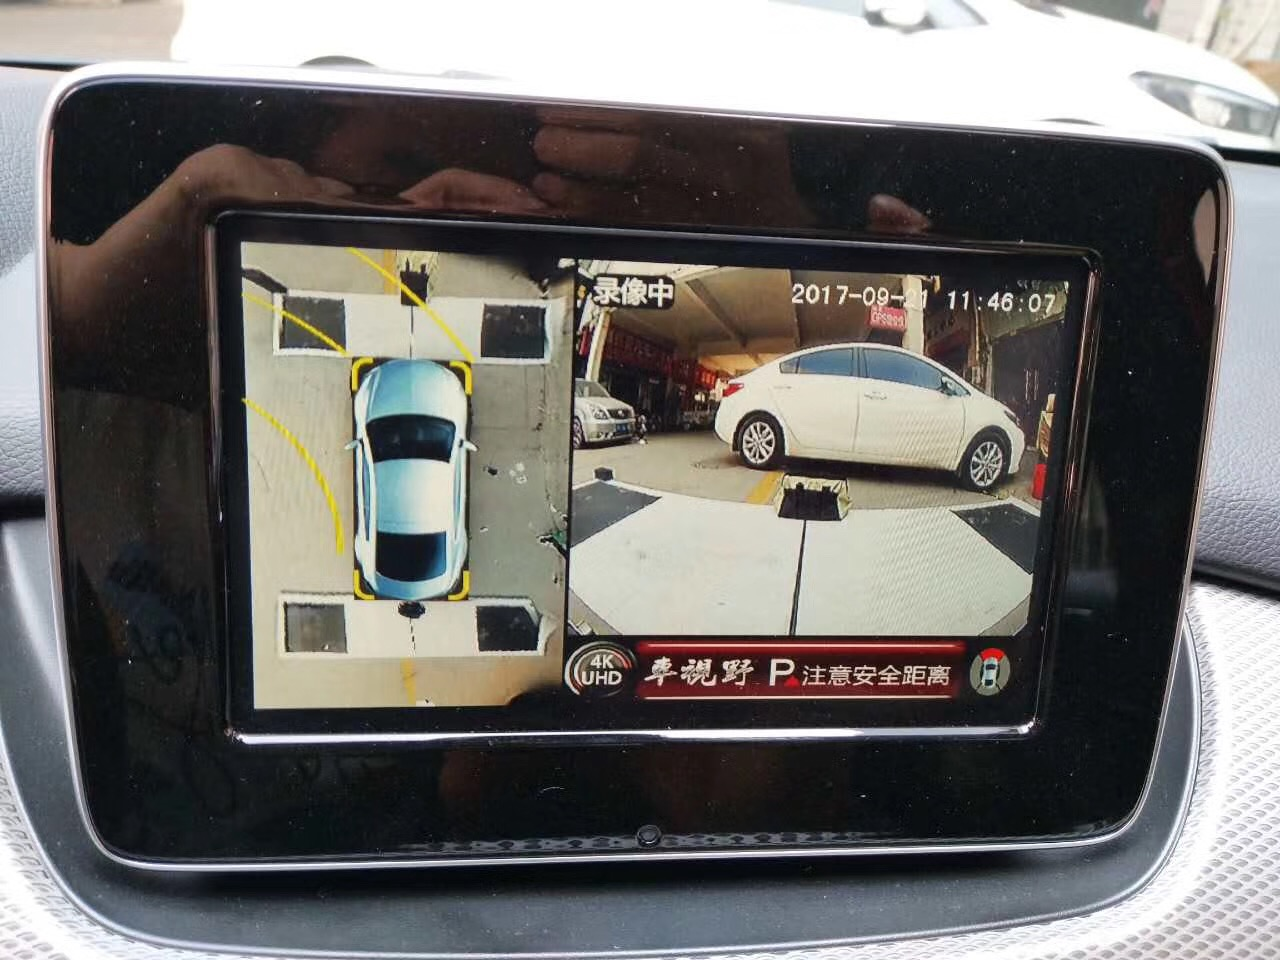 宝马B200安装车视野4K全景Y-8200s,全景泊车系统,360度全景行车记录仪